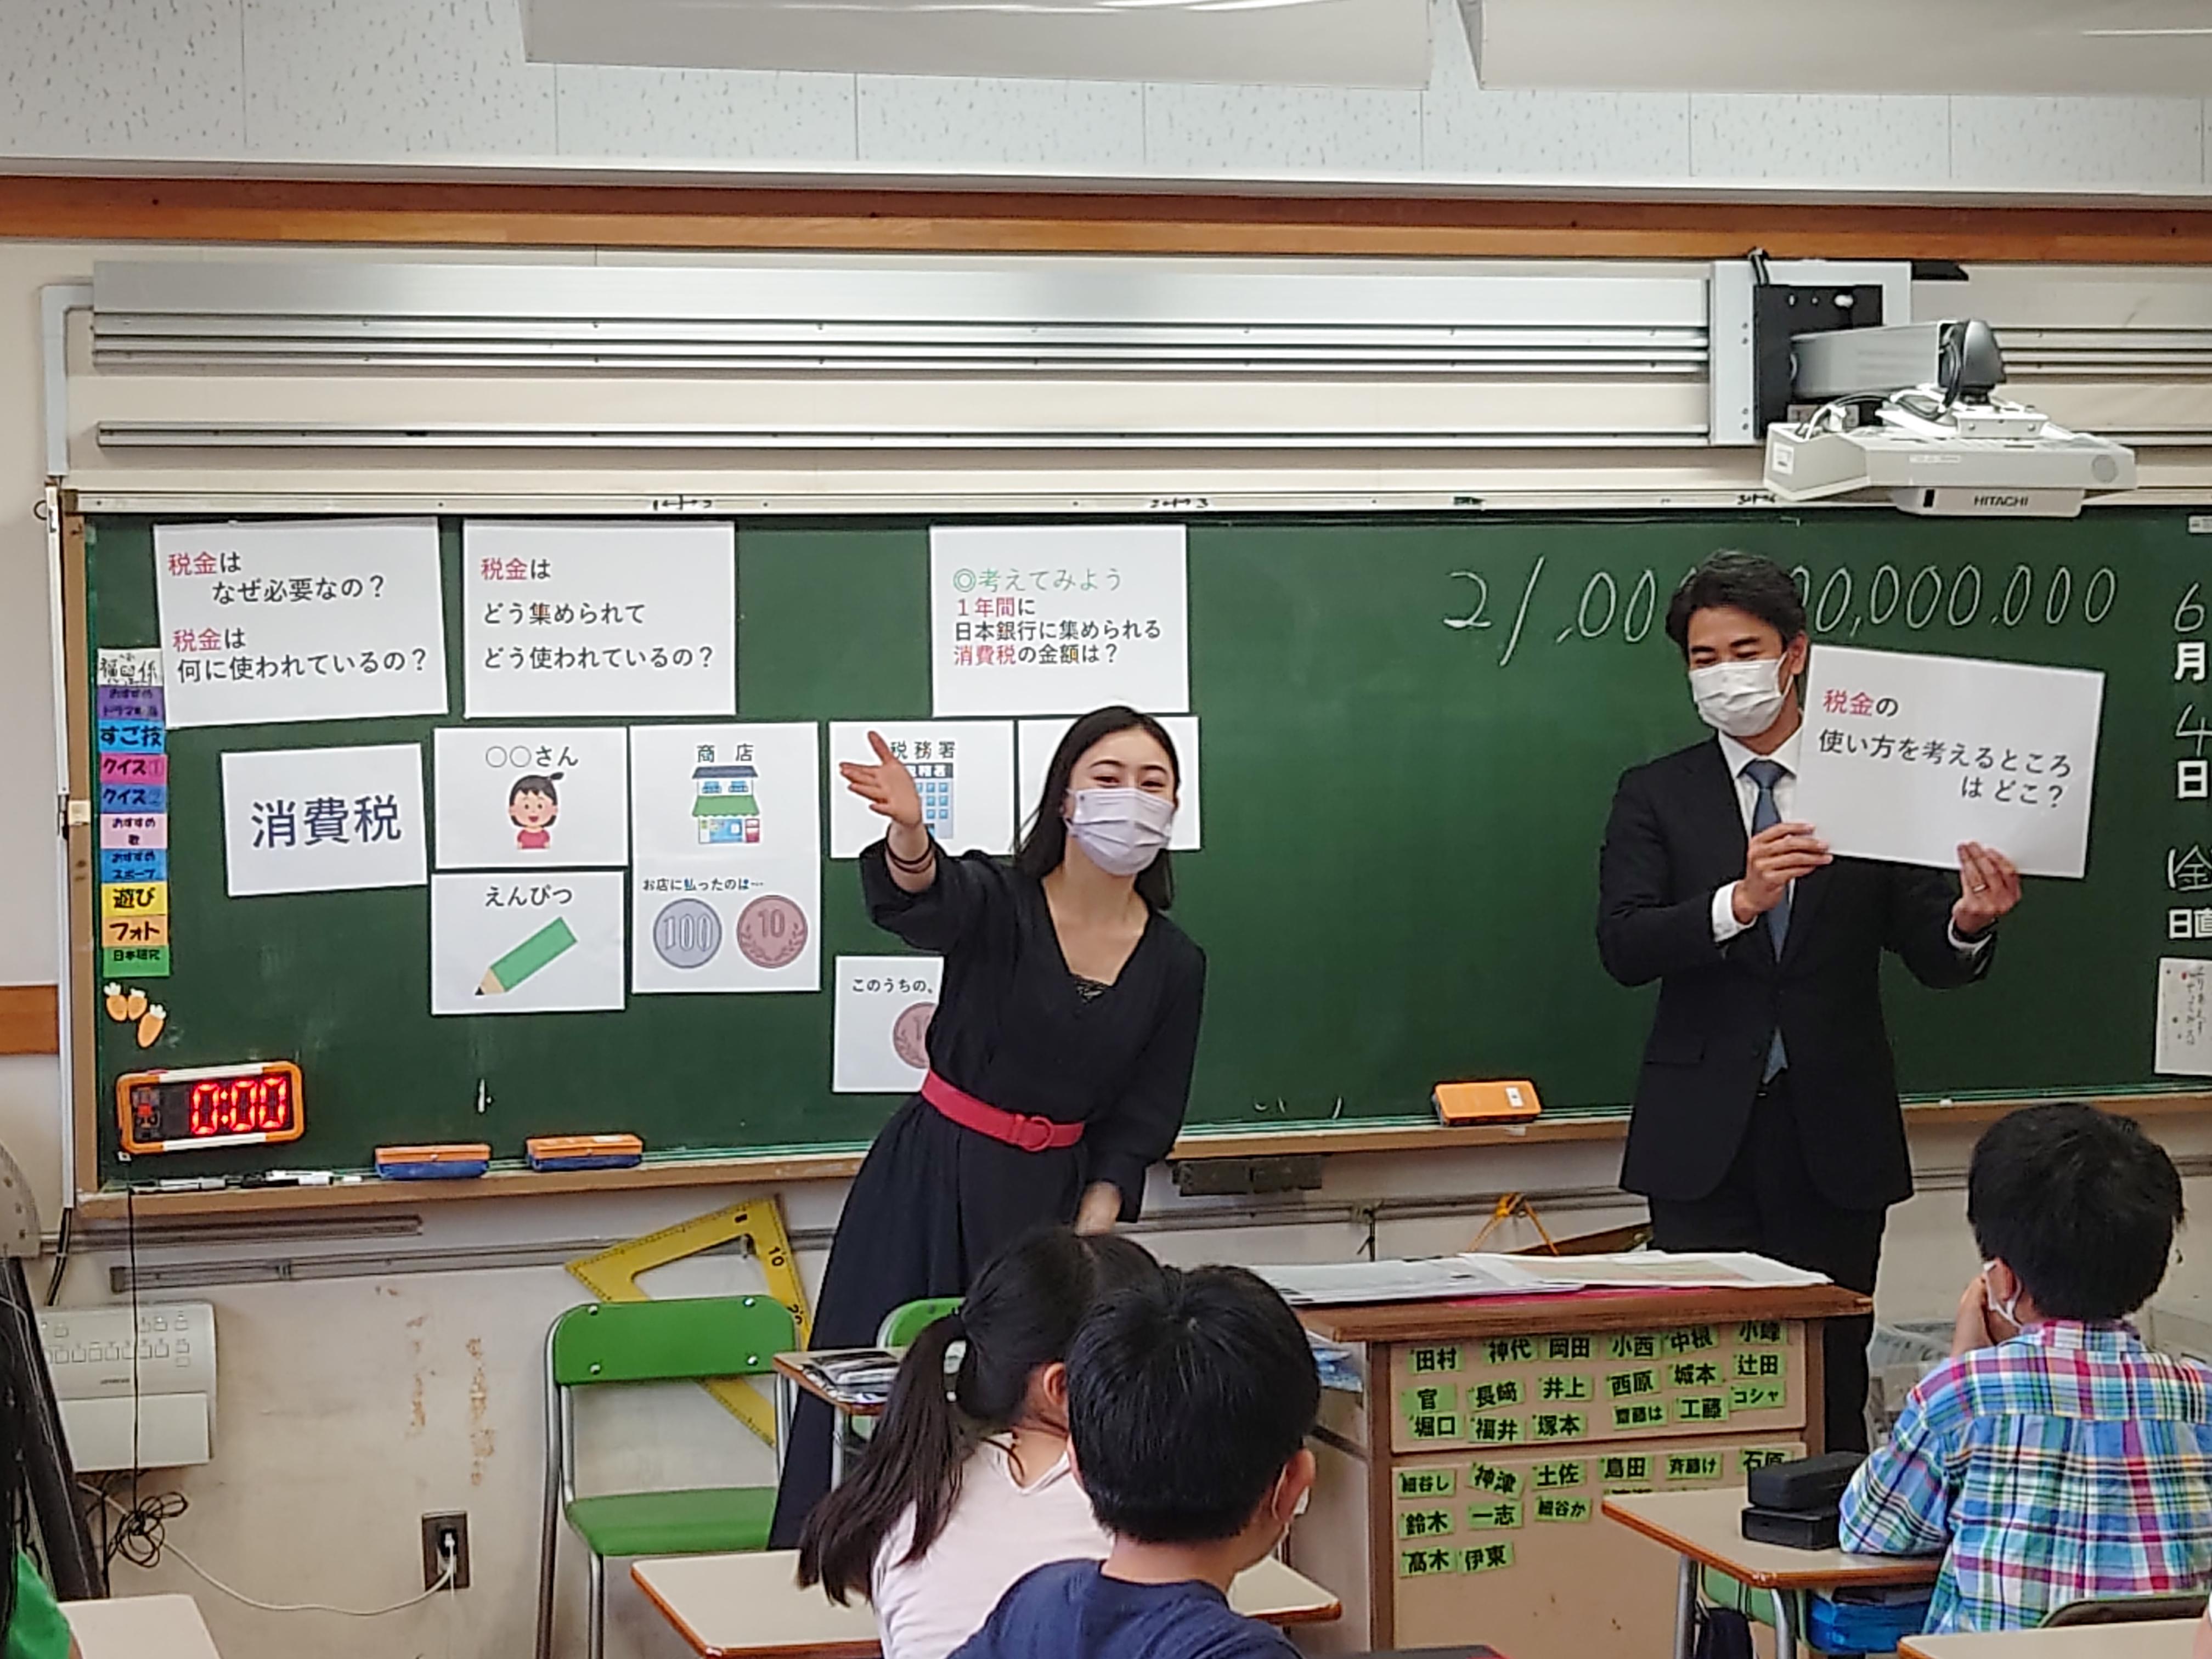 「租税教室」於 港区立白金小学校